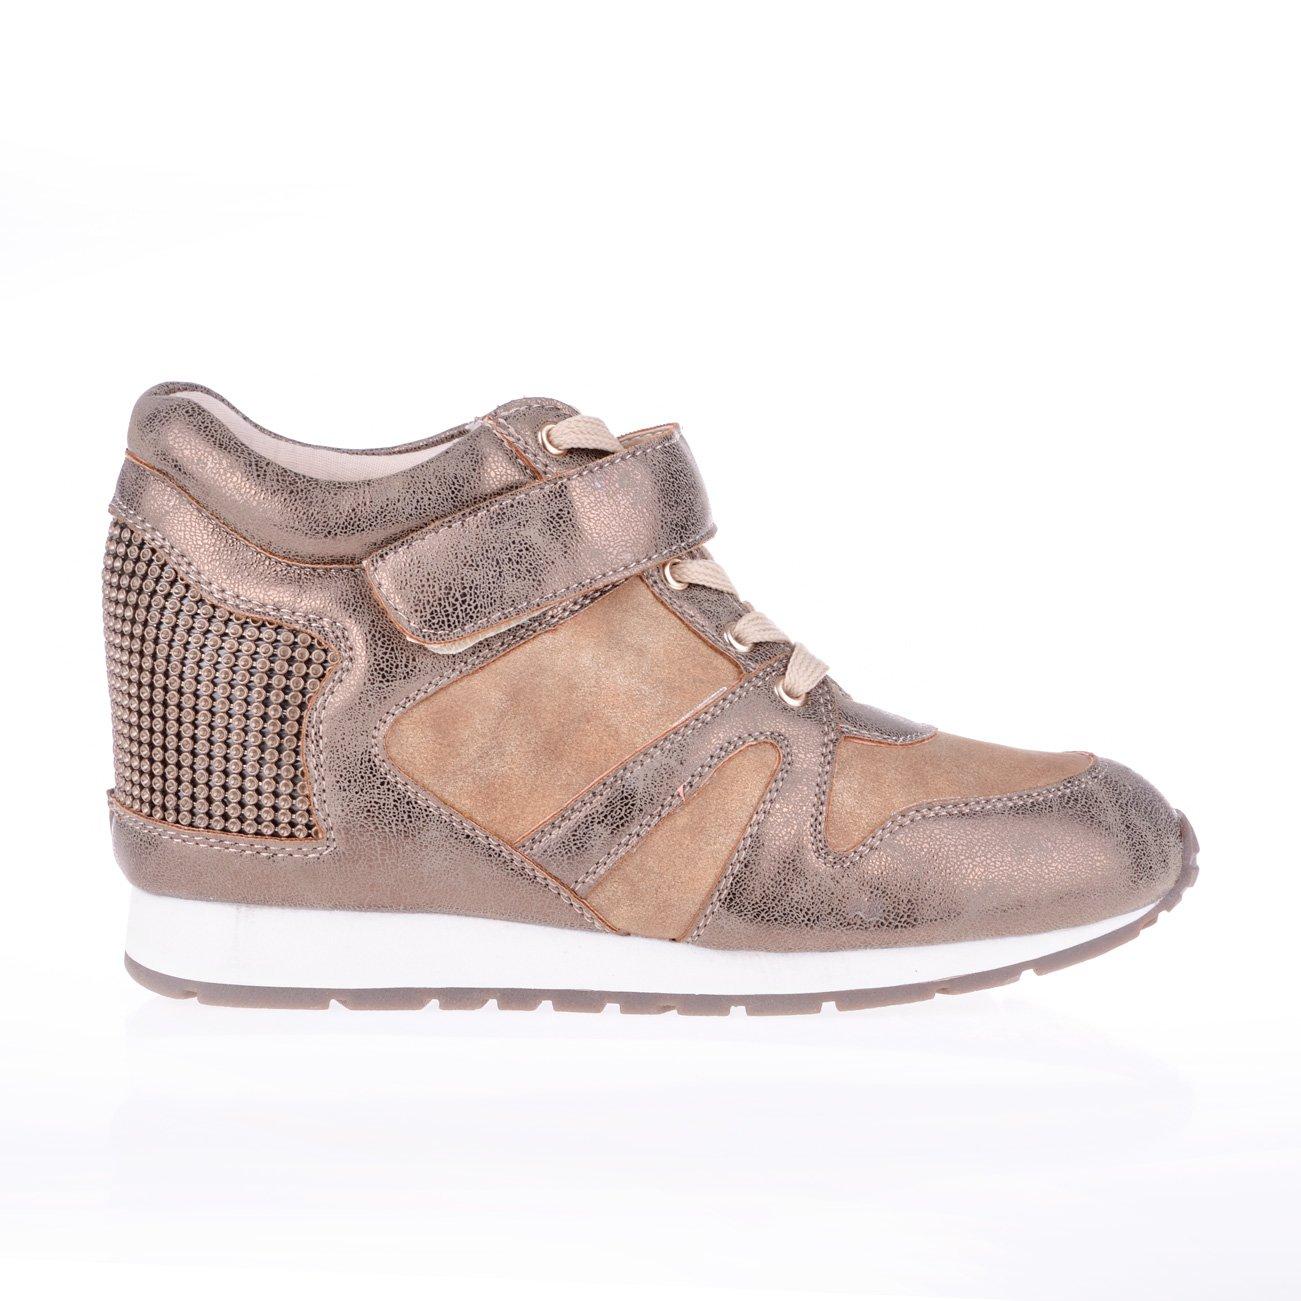 Sneakers dama Deedee bronz